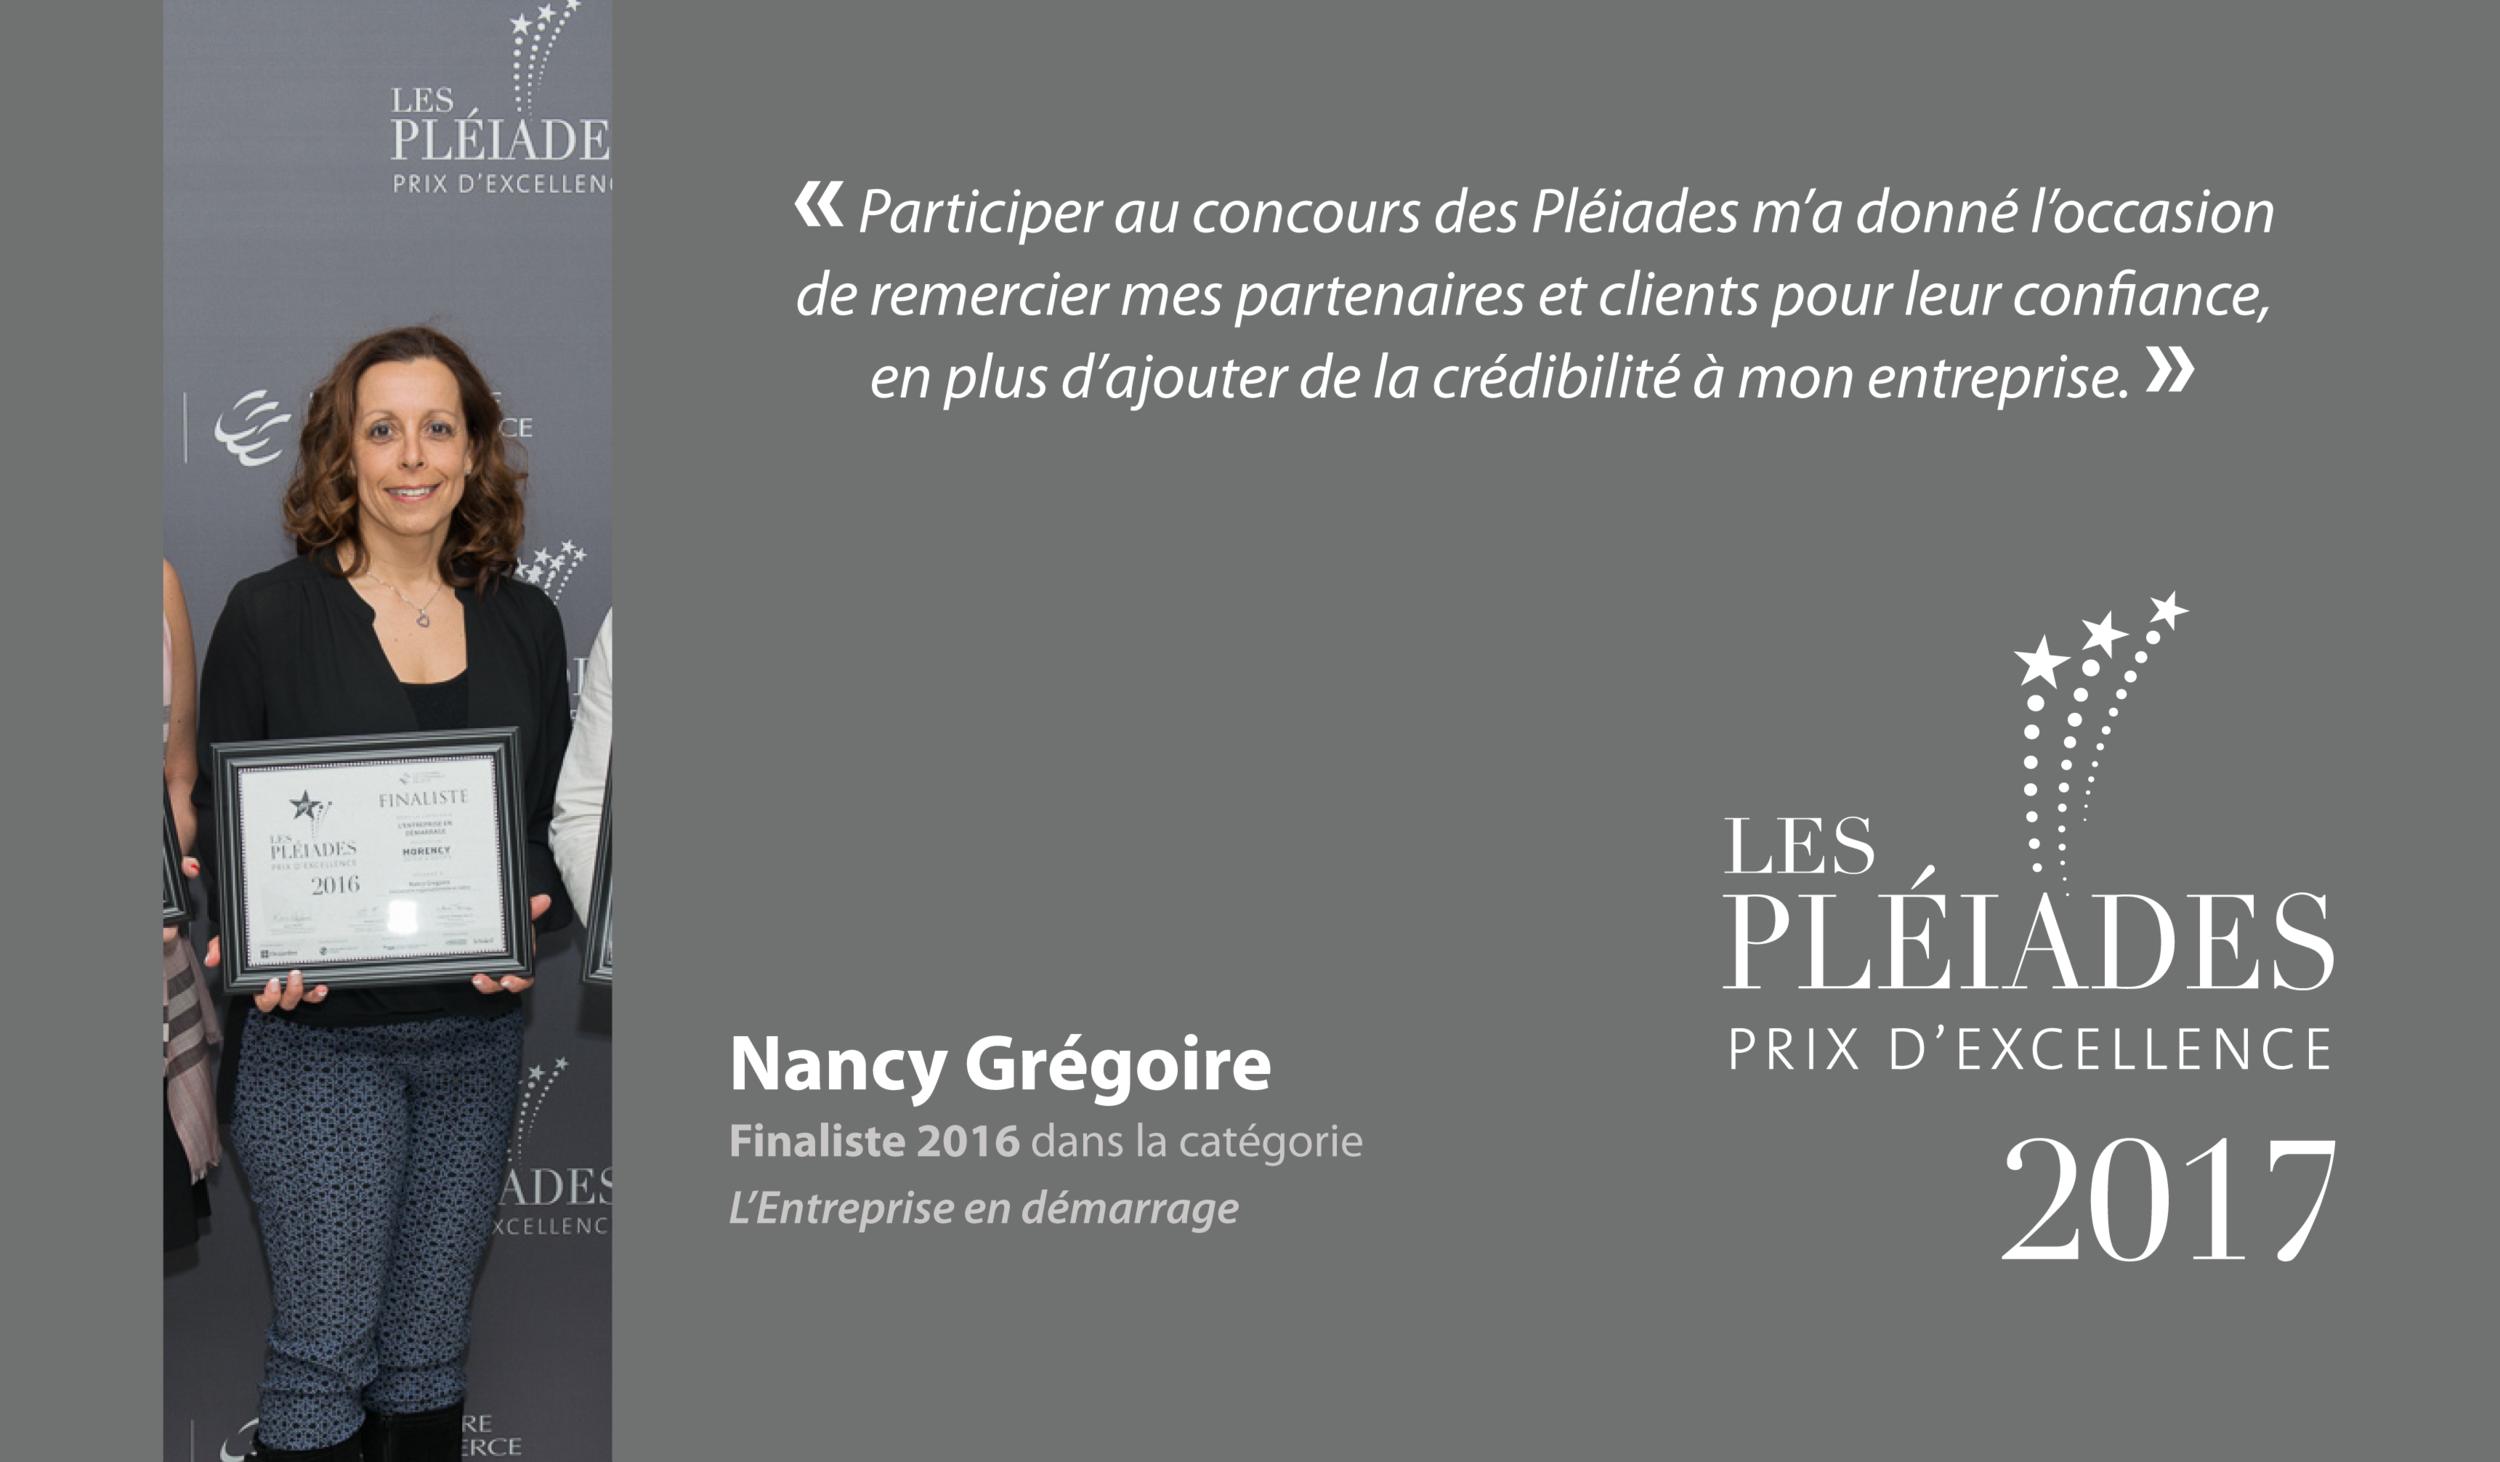 Nancy-Grégoire.png